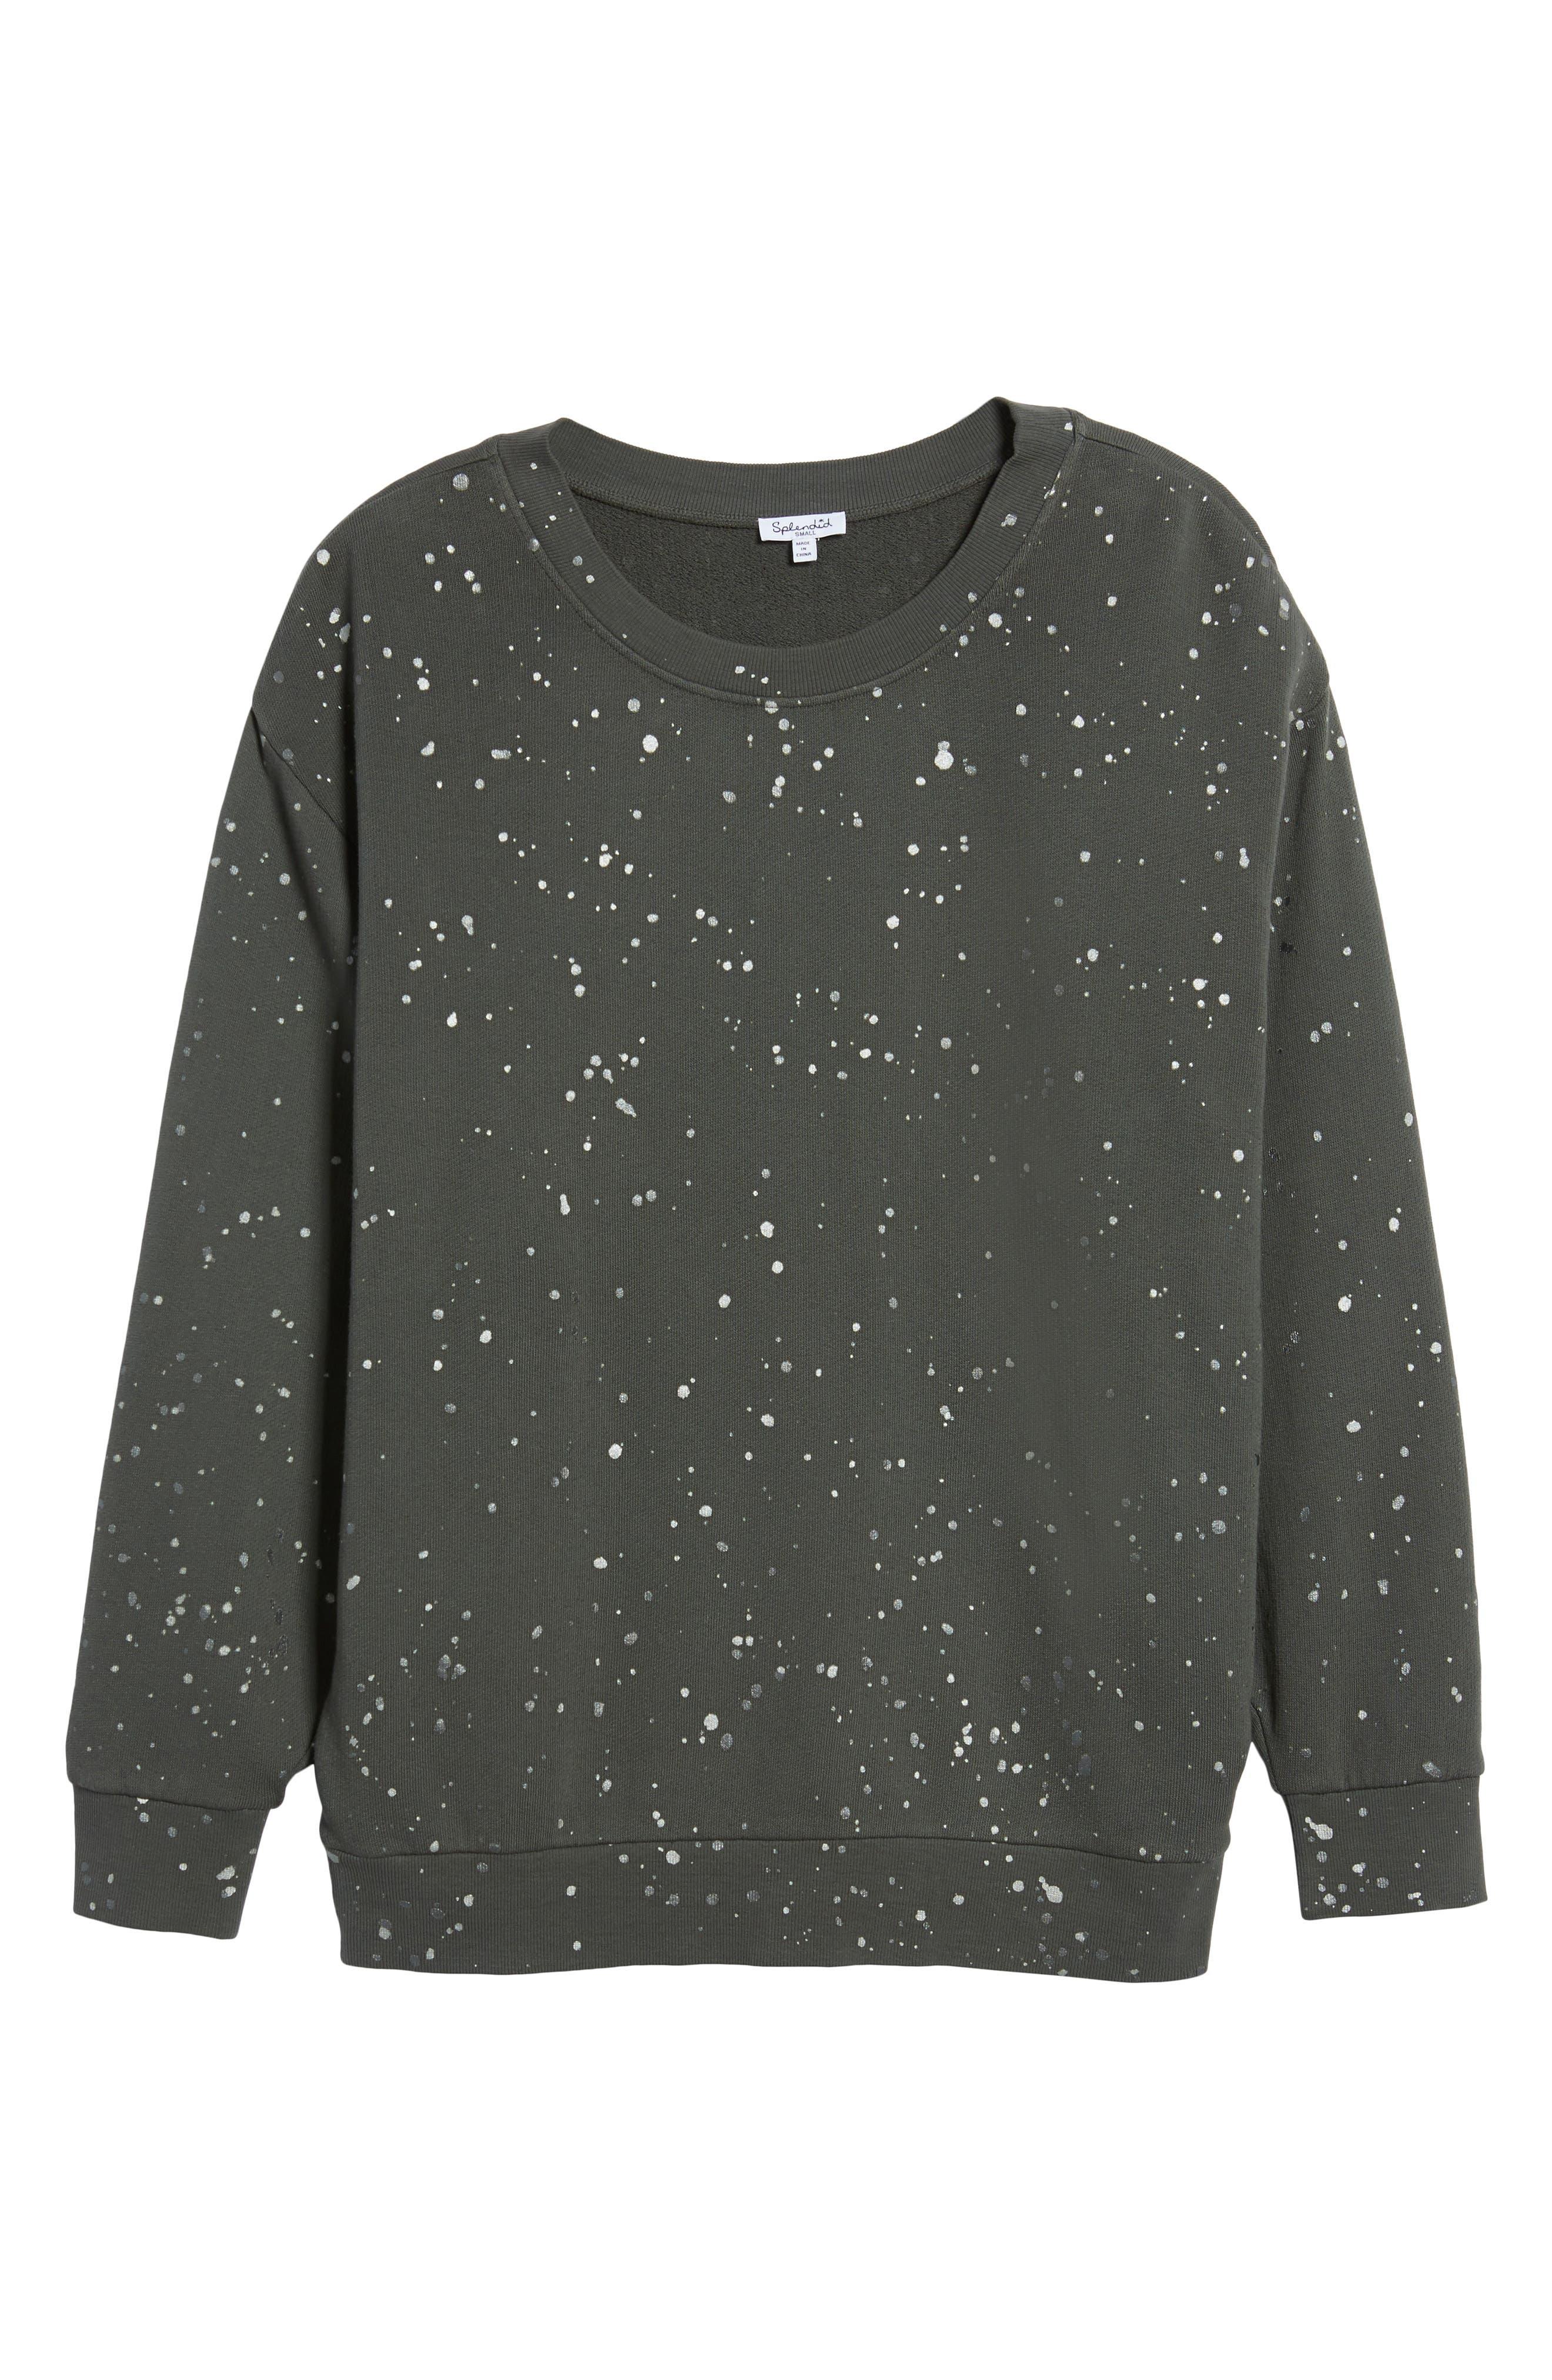 Main Image - Splendid Graphic Sweatshirt